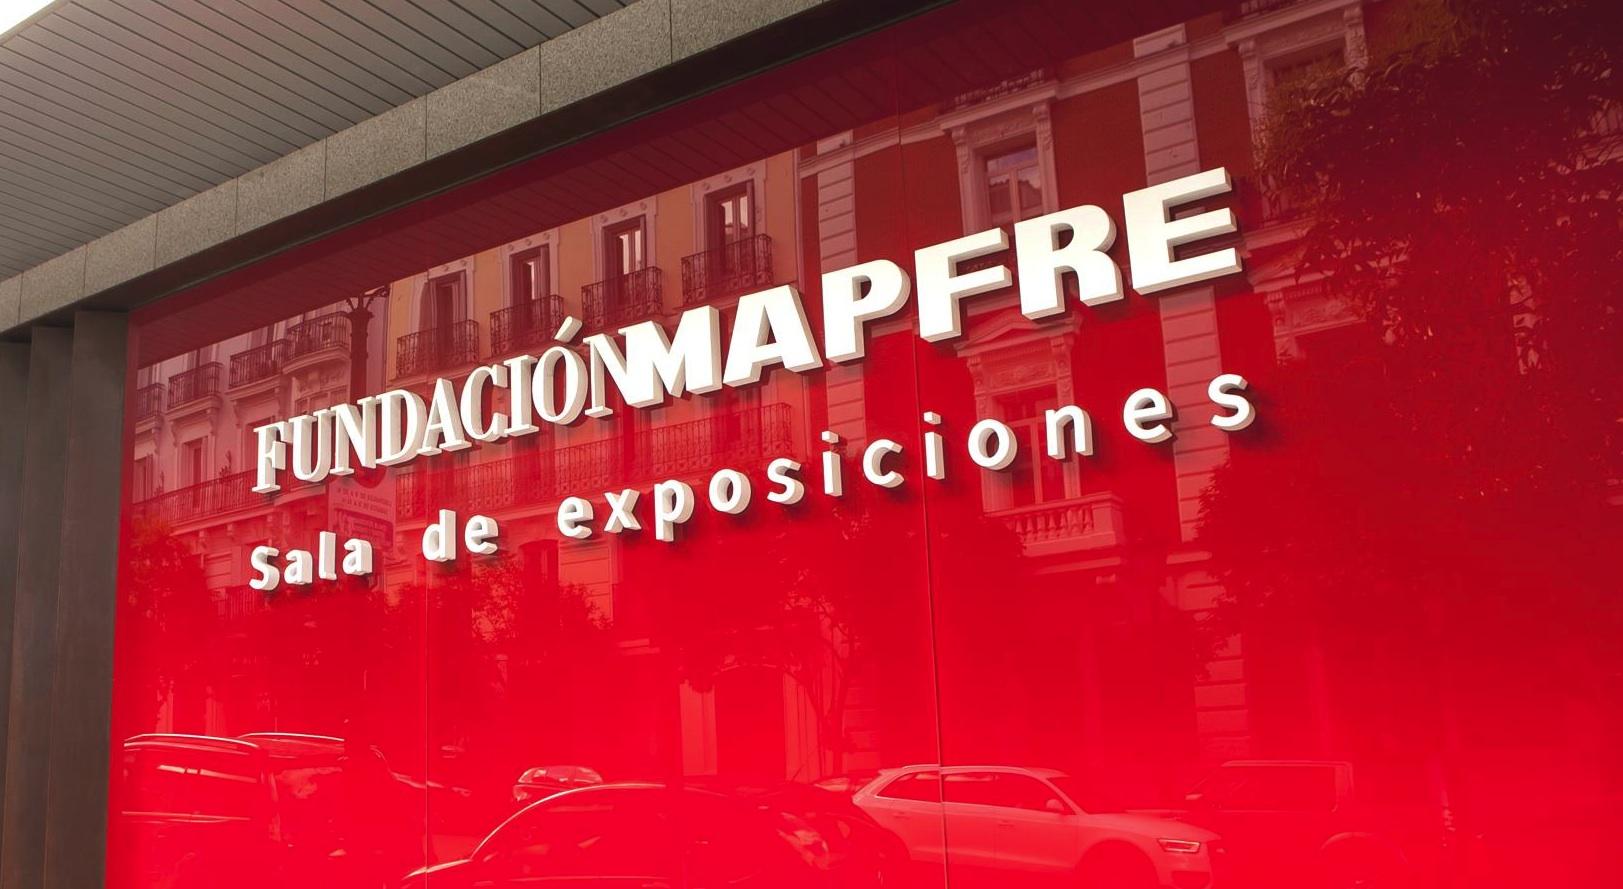 Nadia Arroyo neue Direktorin der Fundación MAPFRE